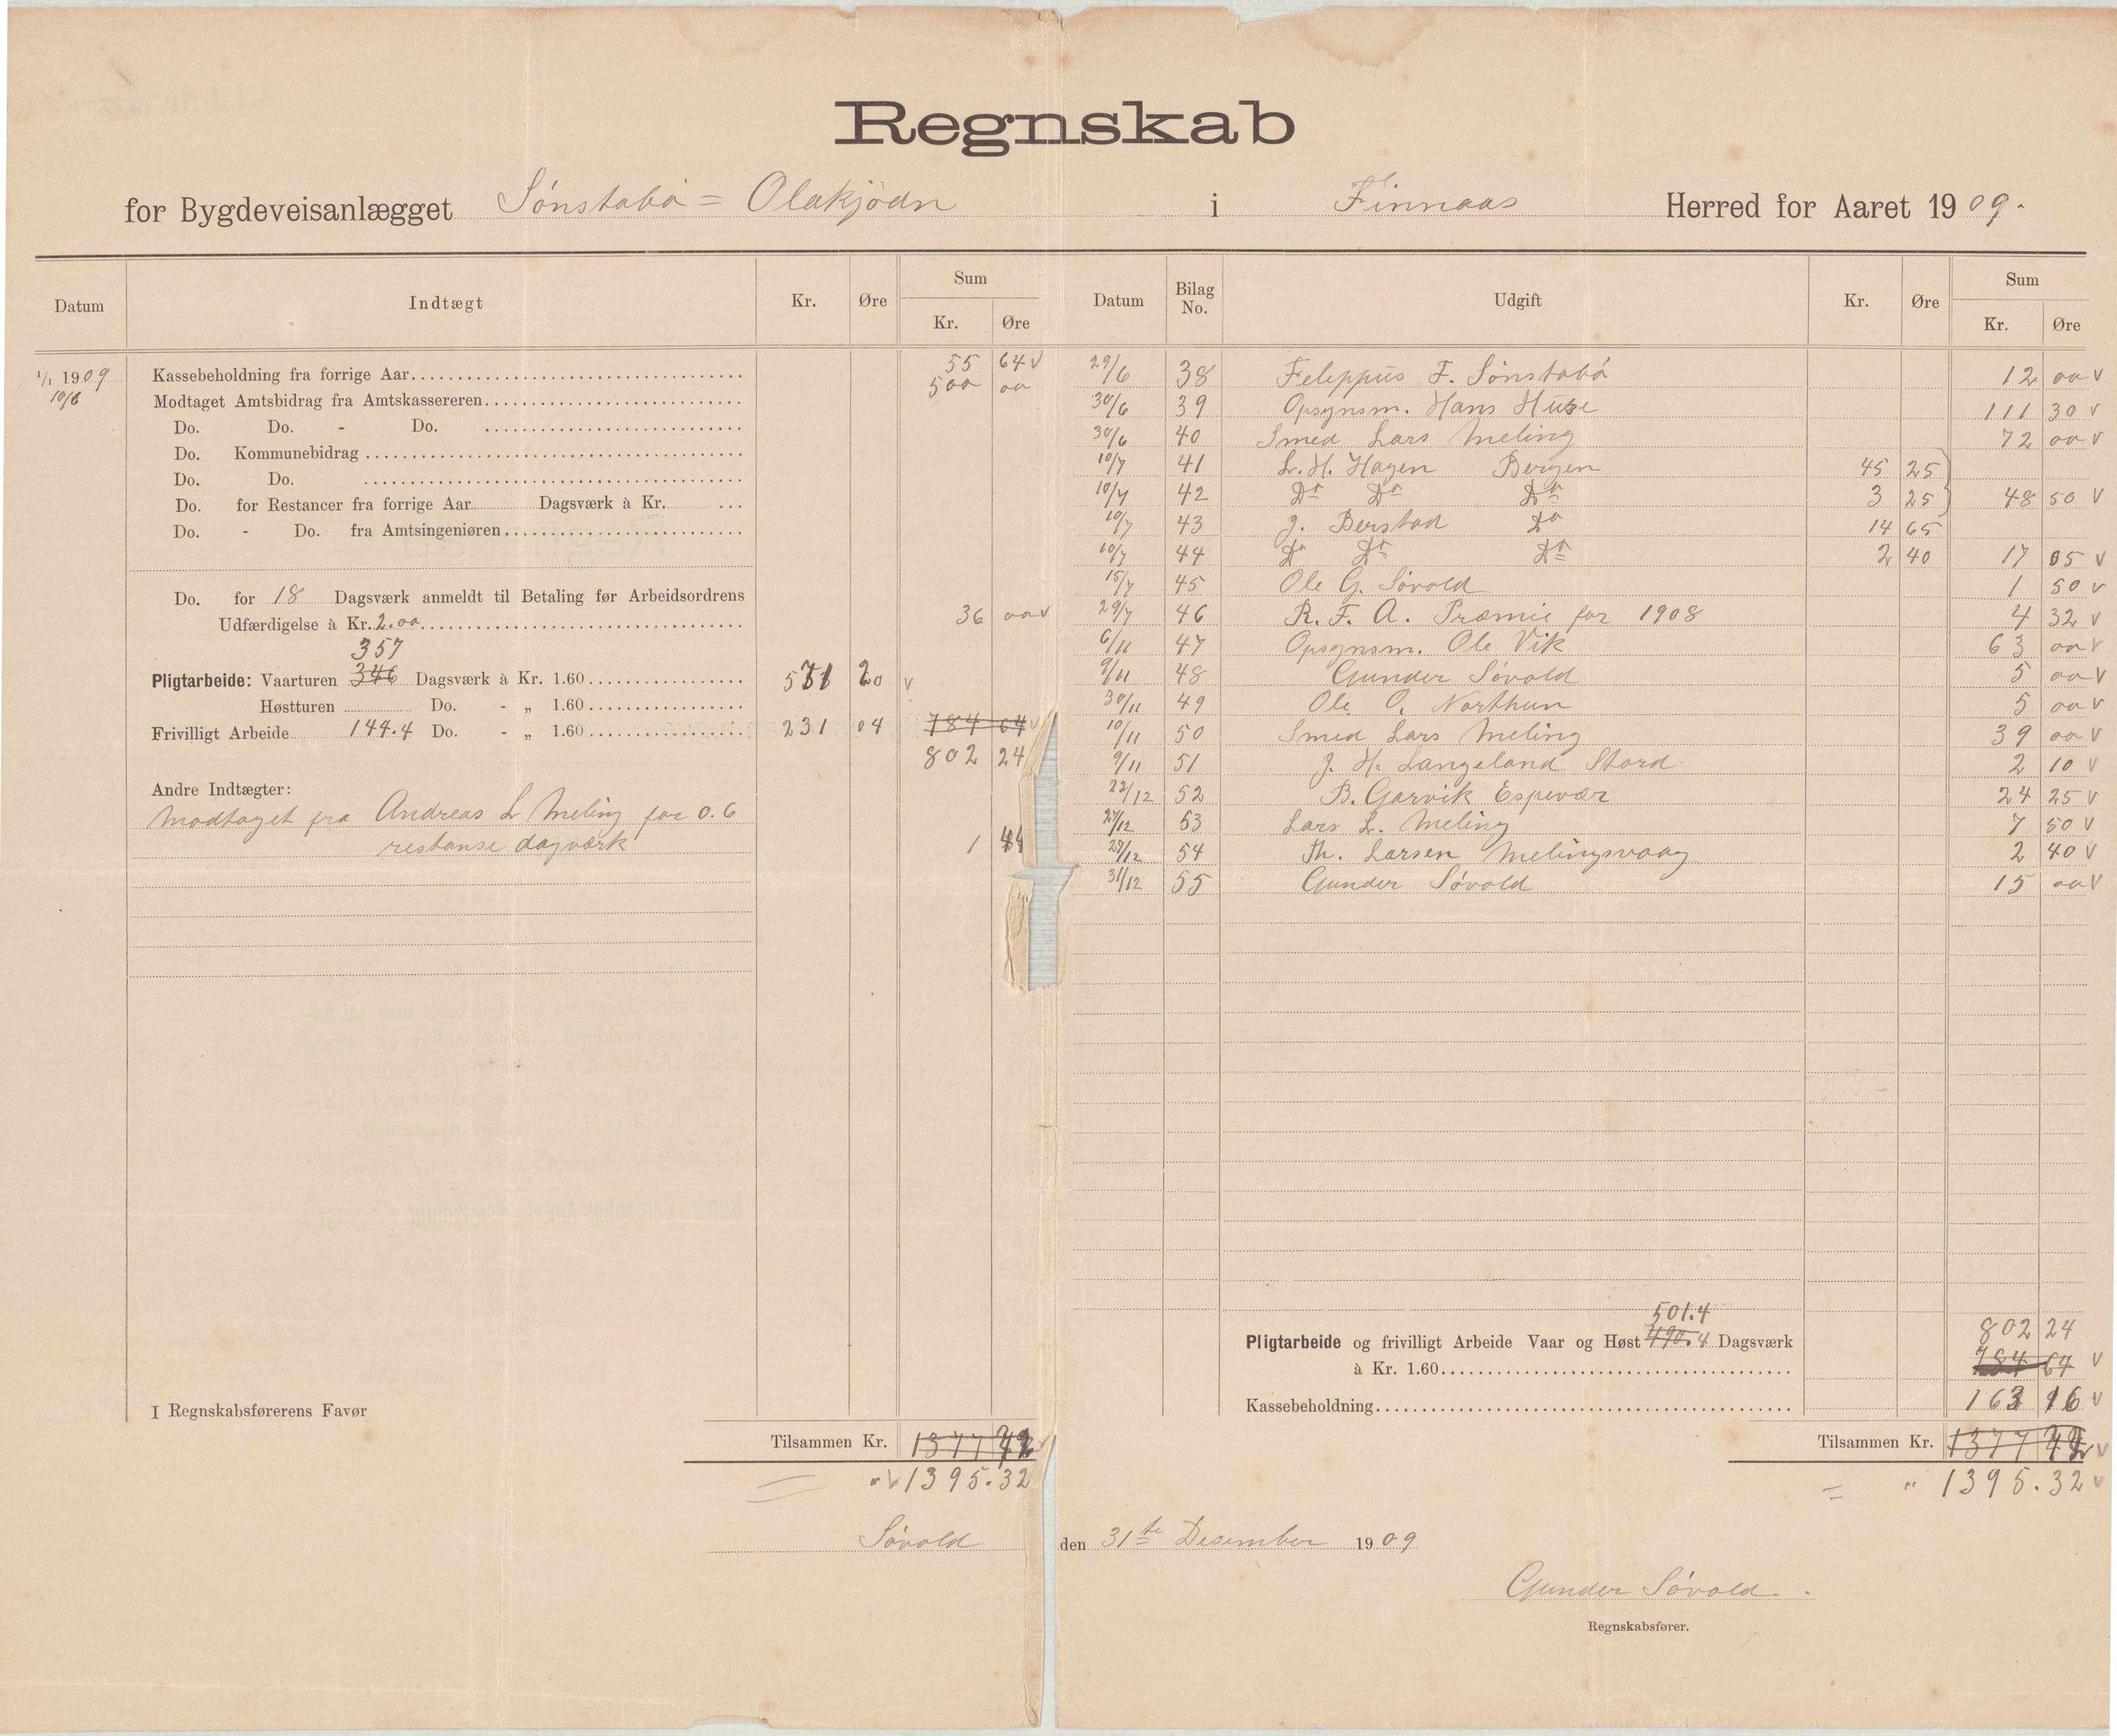 IKAH, Finnaas kommune. Formannskapet, E/Ea/L0001: Rekneskap for veganlegg, 1909-1914, s. 2